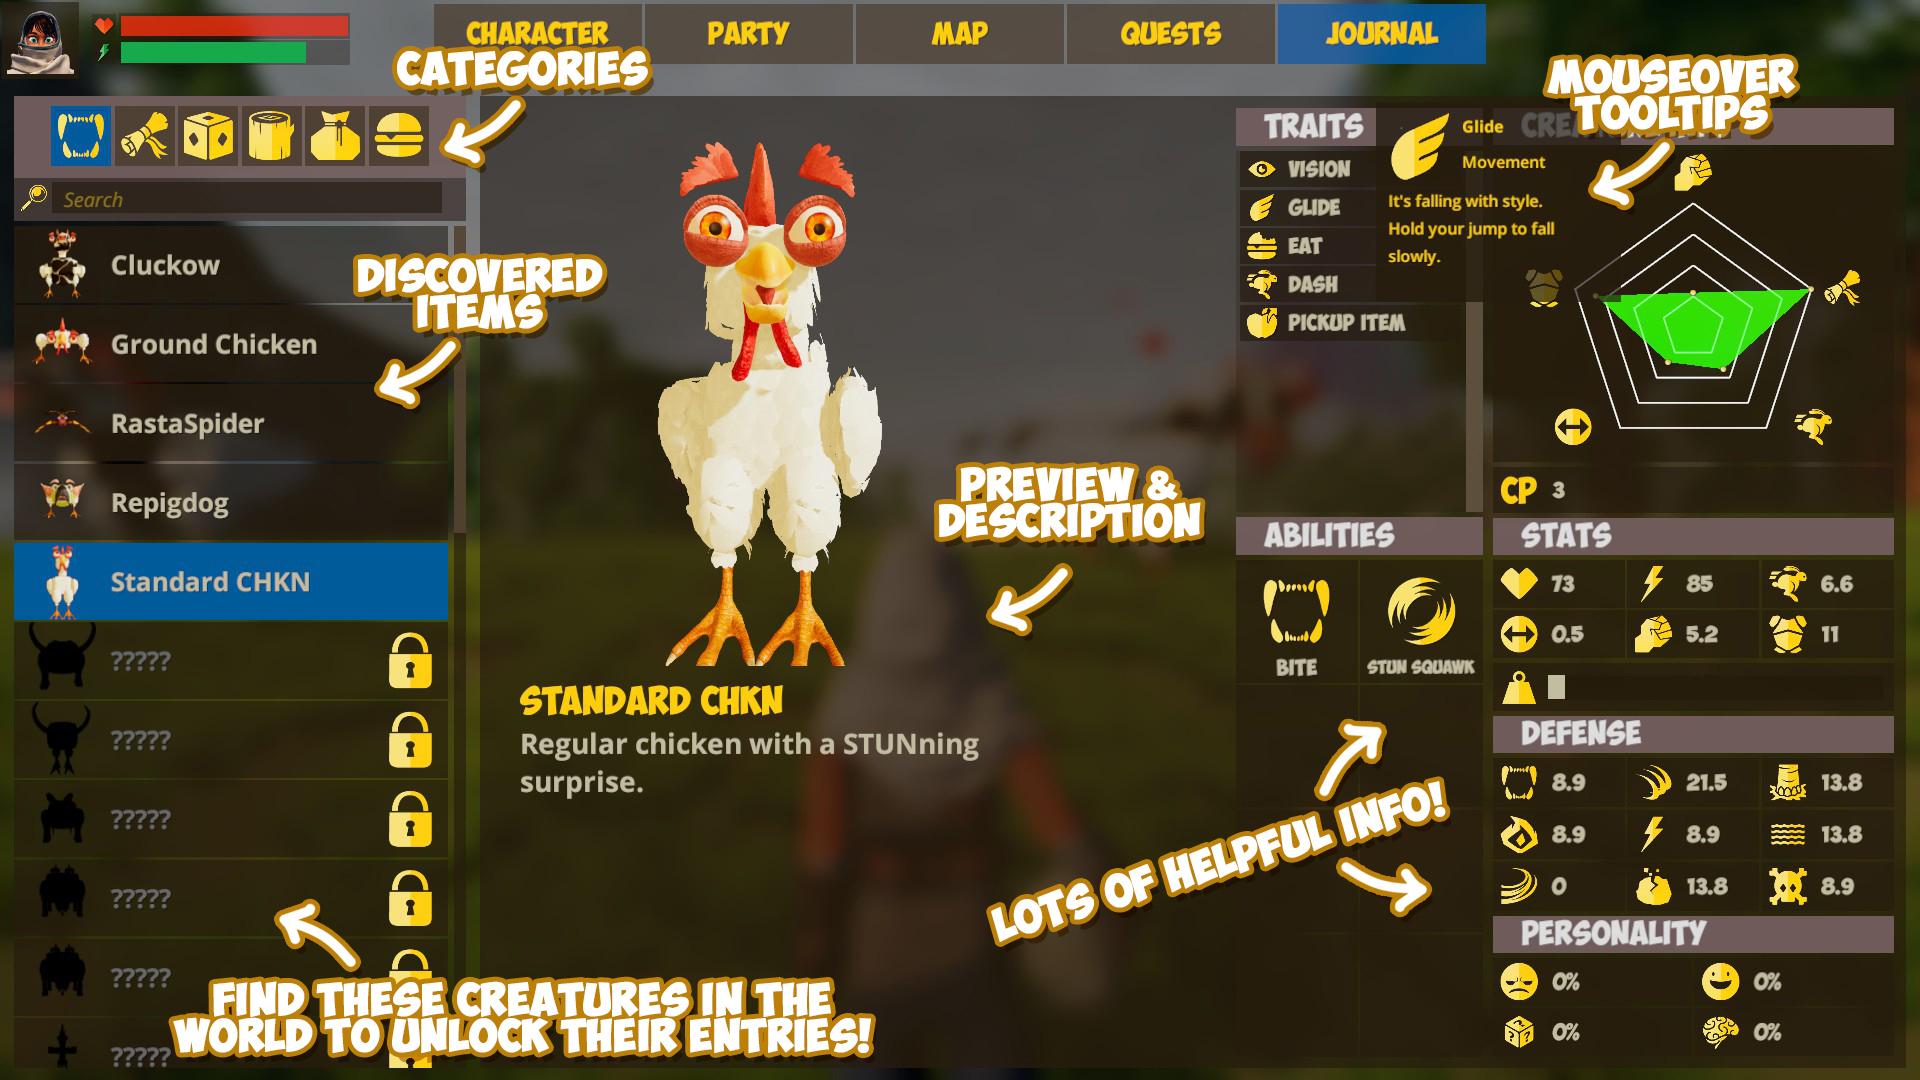 journalentry standardchicken